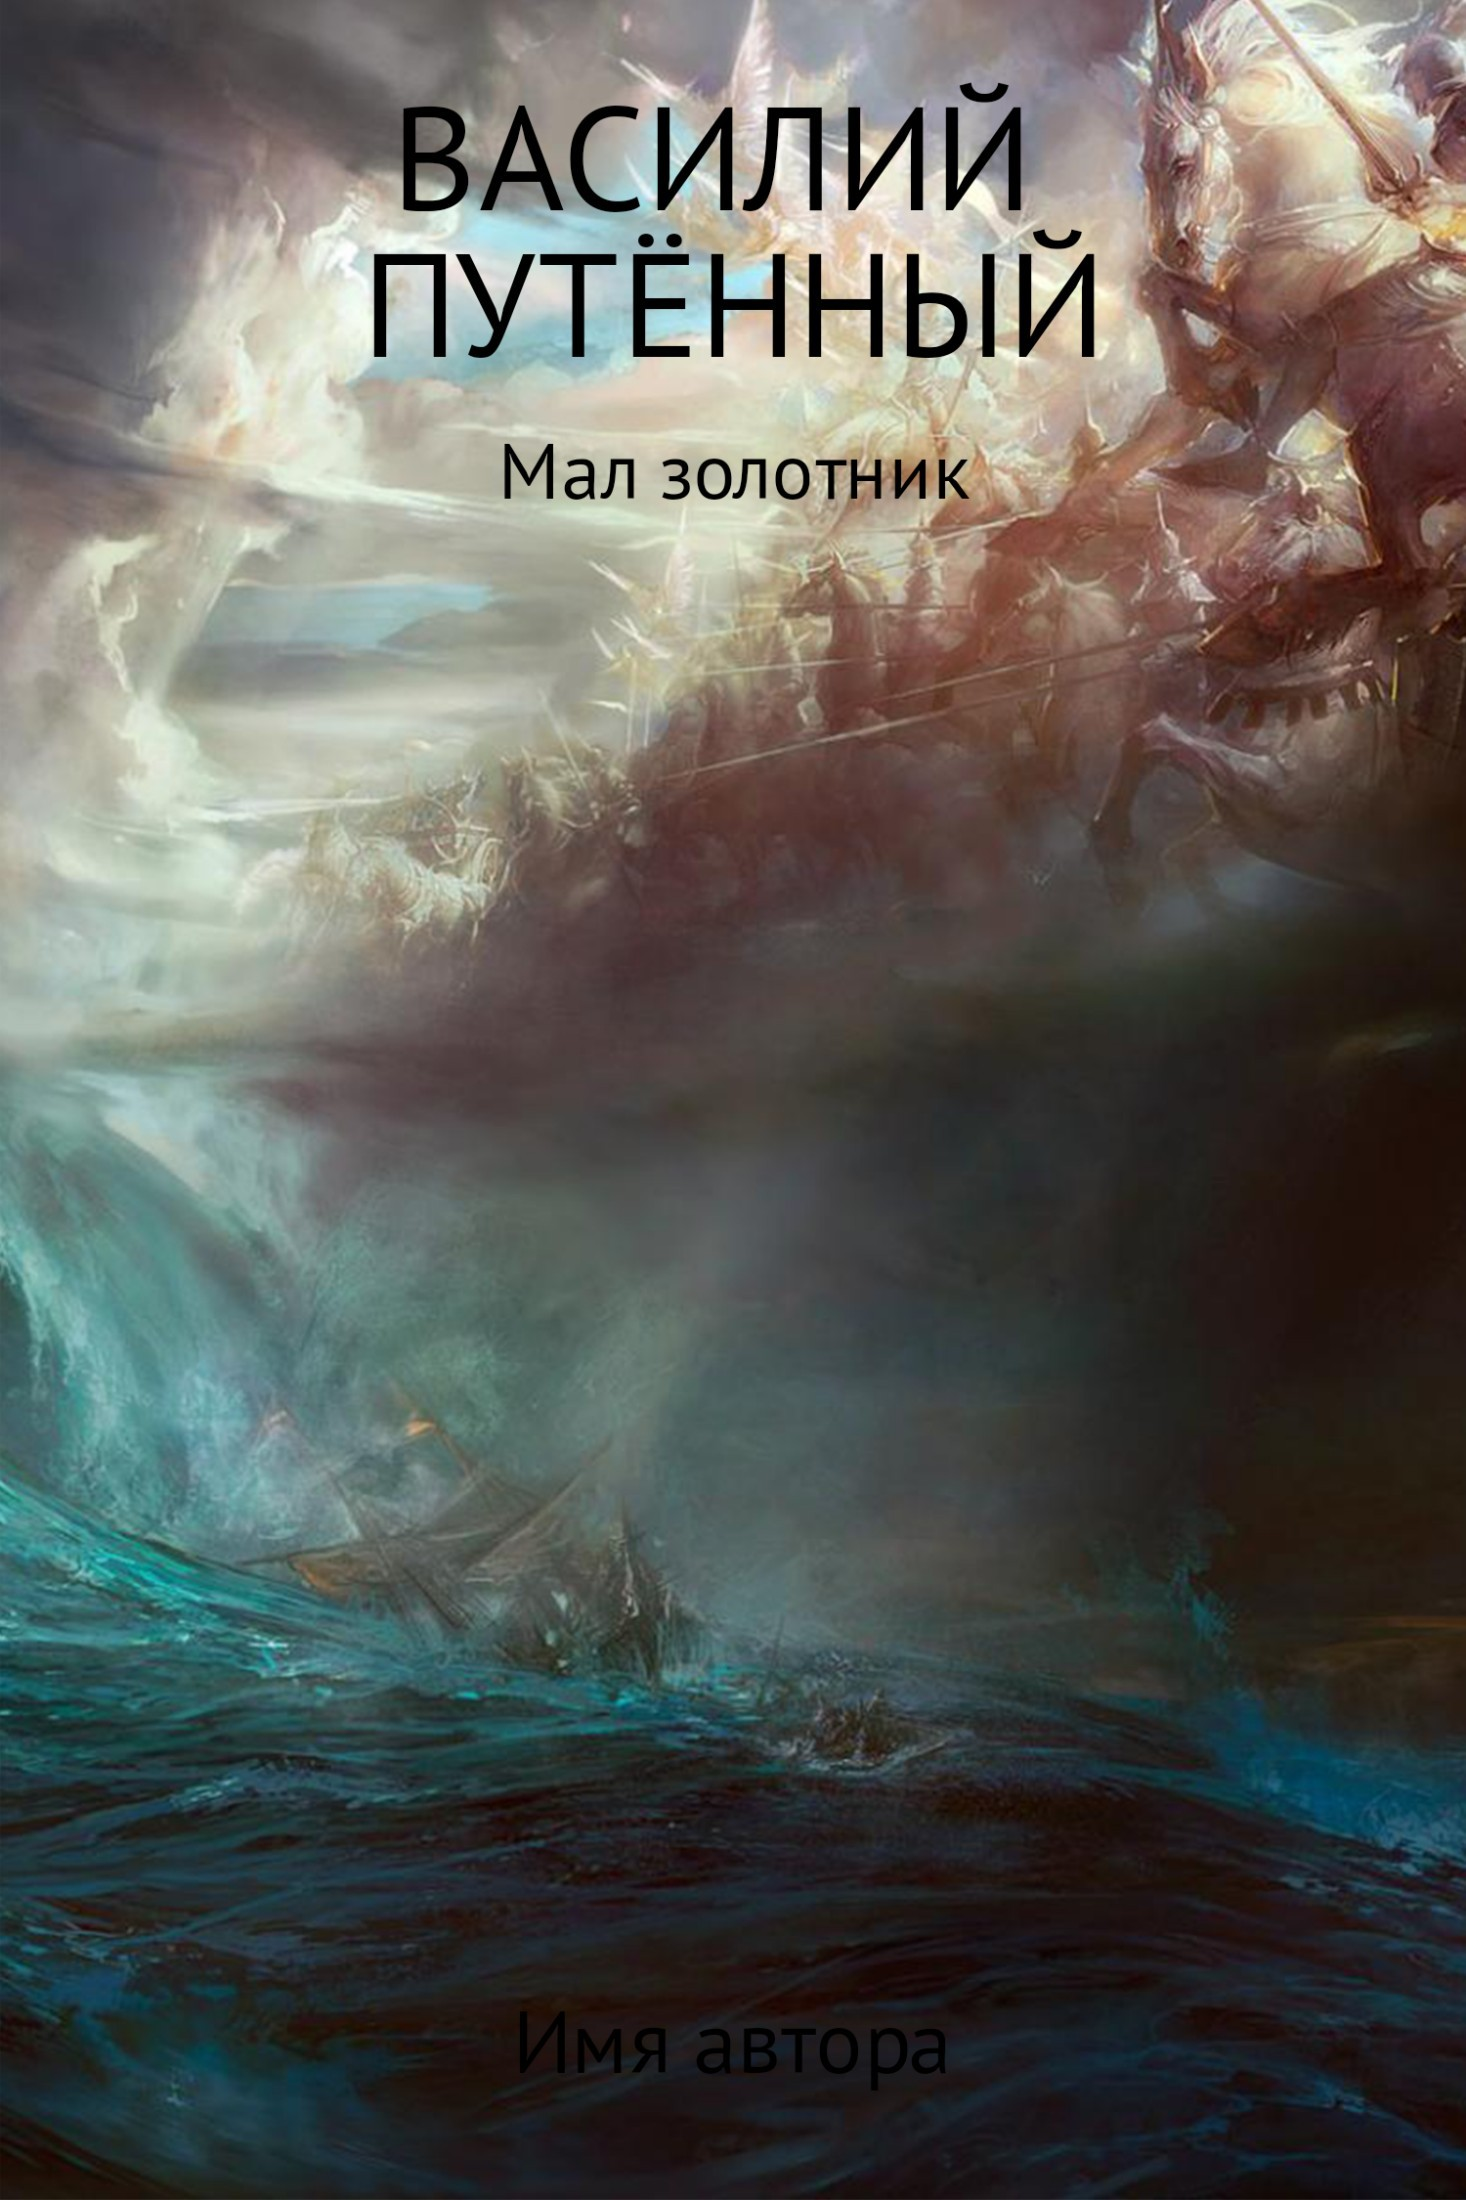 Василий Путённый - Мал золотник